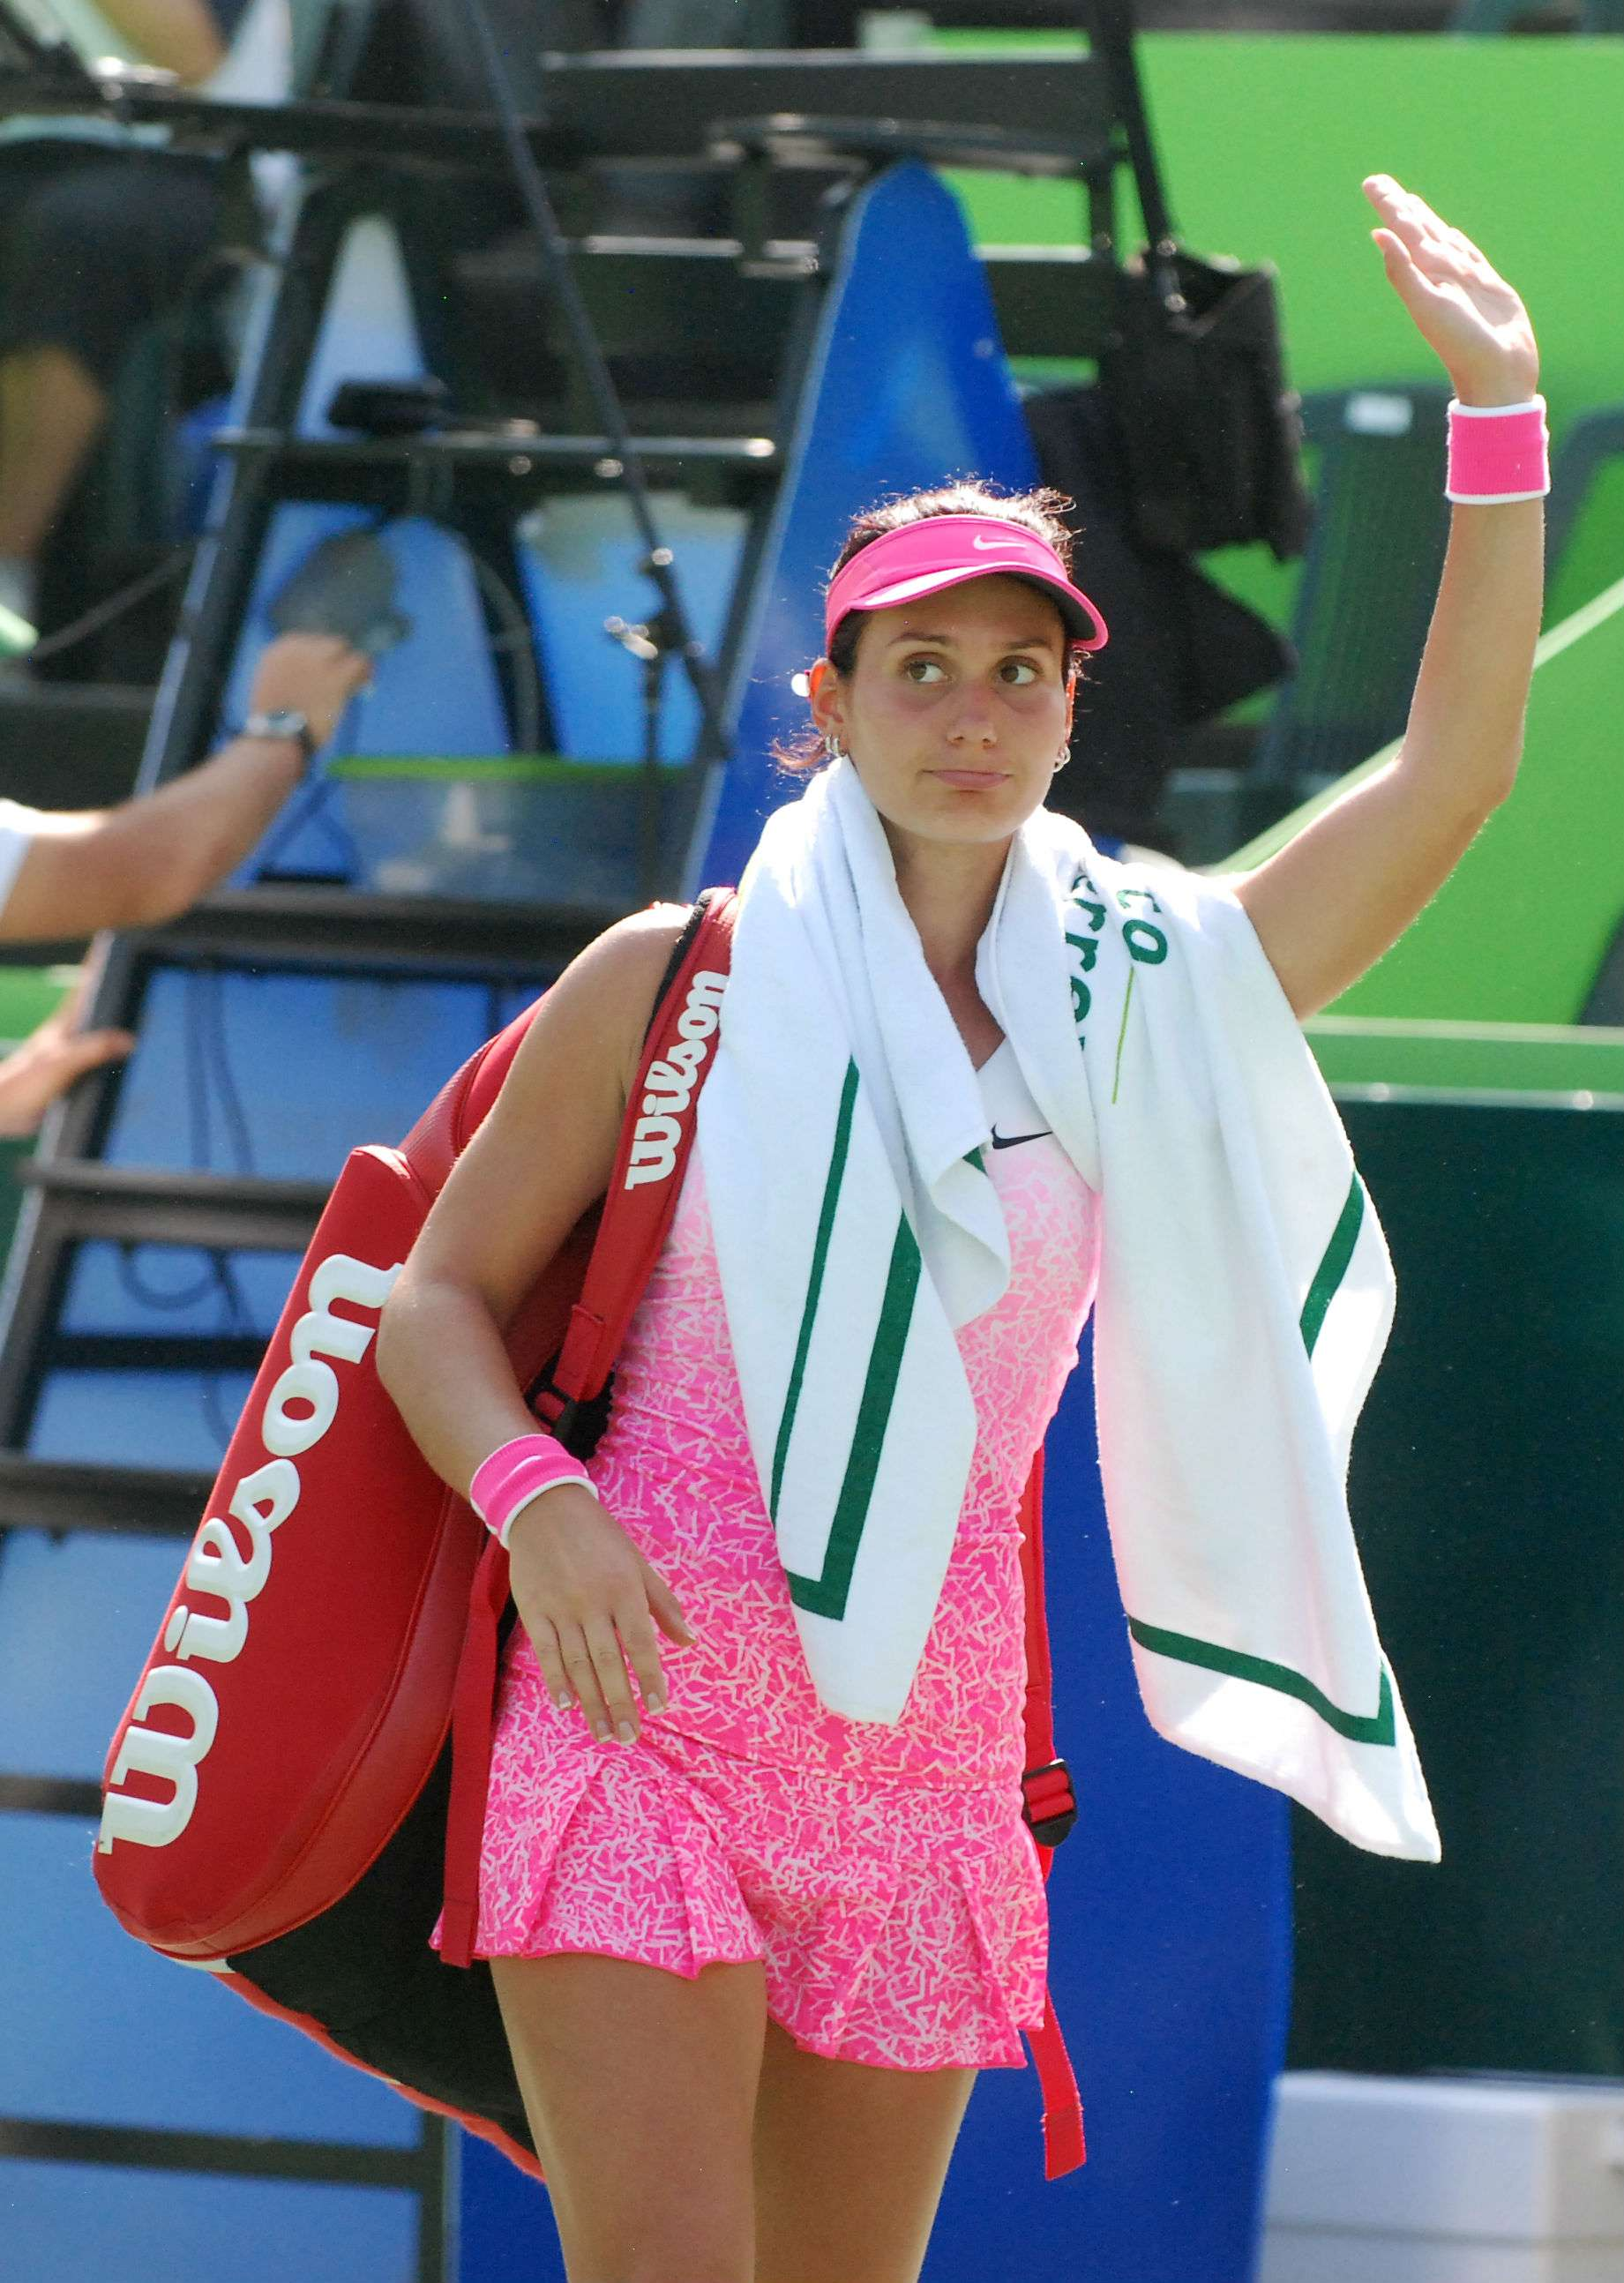 Jovana Jaksic al quedar eliminada en la primera ronda del Abierto de Tenis Monterrey. Foto: Emilio López/Terra